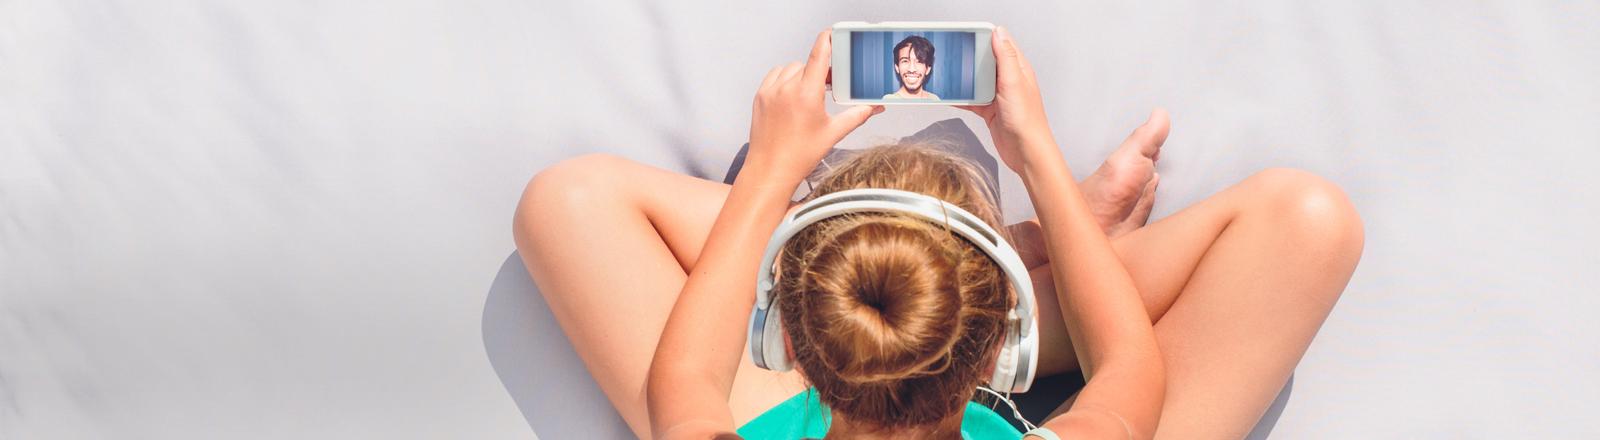 Ein Mädchen sitzt vor einem Smartphone, darauf ein Bild von einem jungen Mann